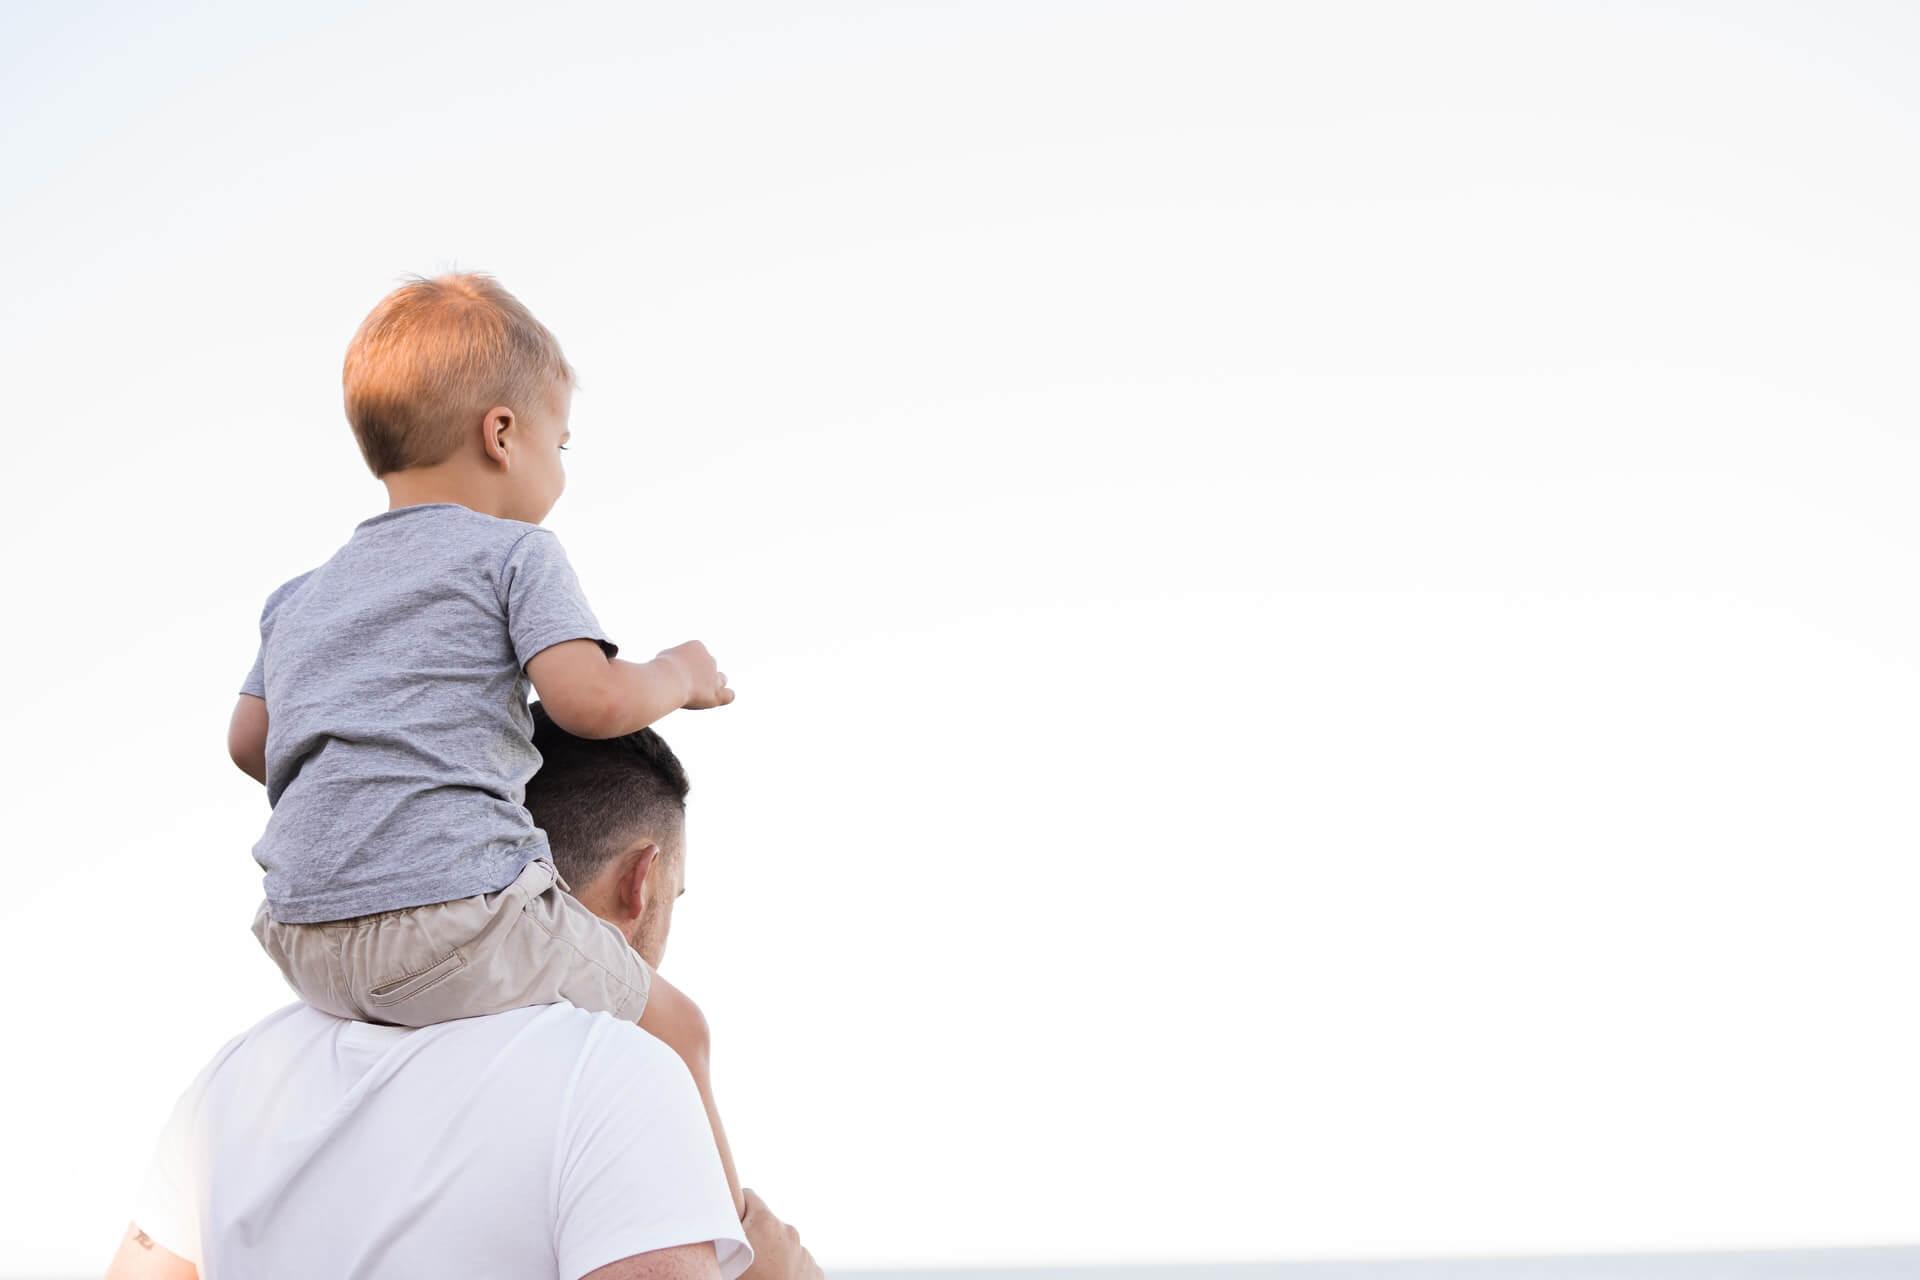 Elternzeit - Header Grafik - Vater mit Sohn auf den Schultern